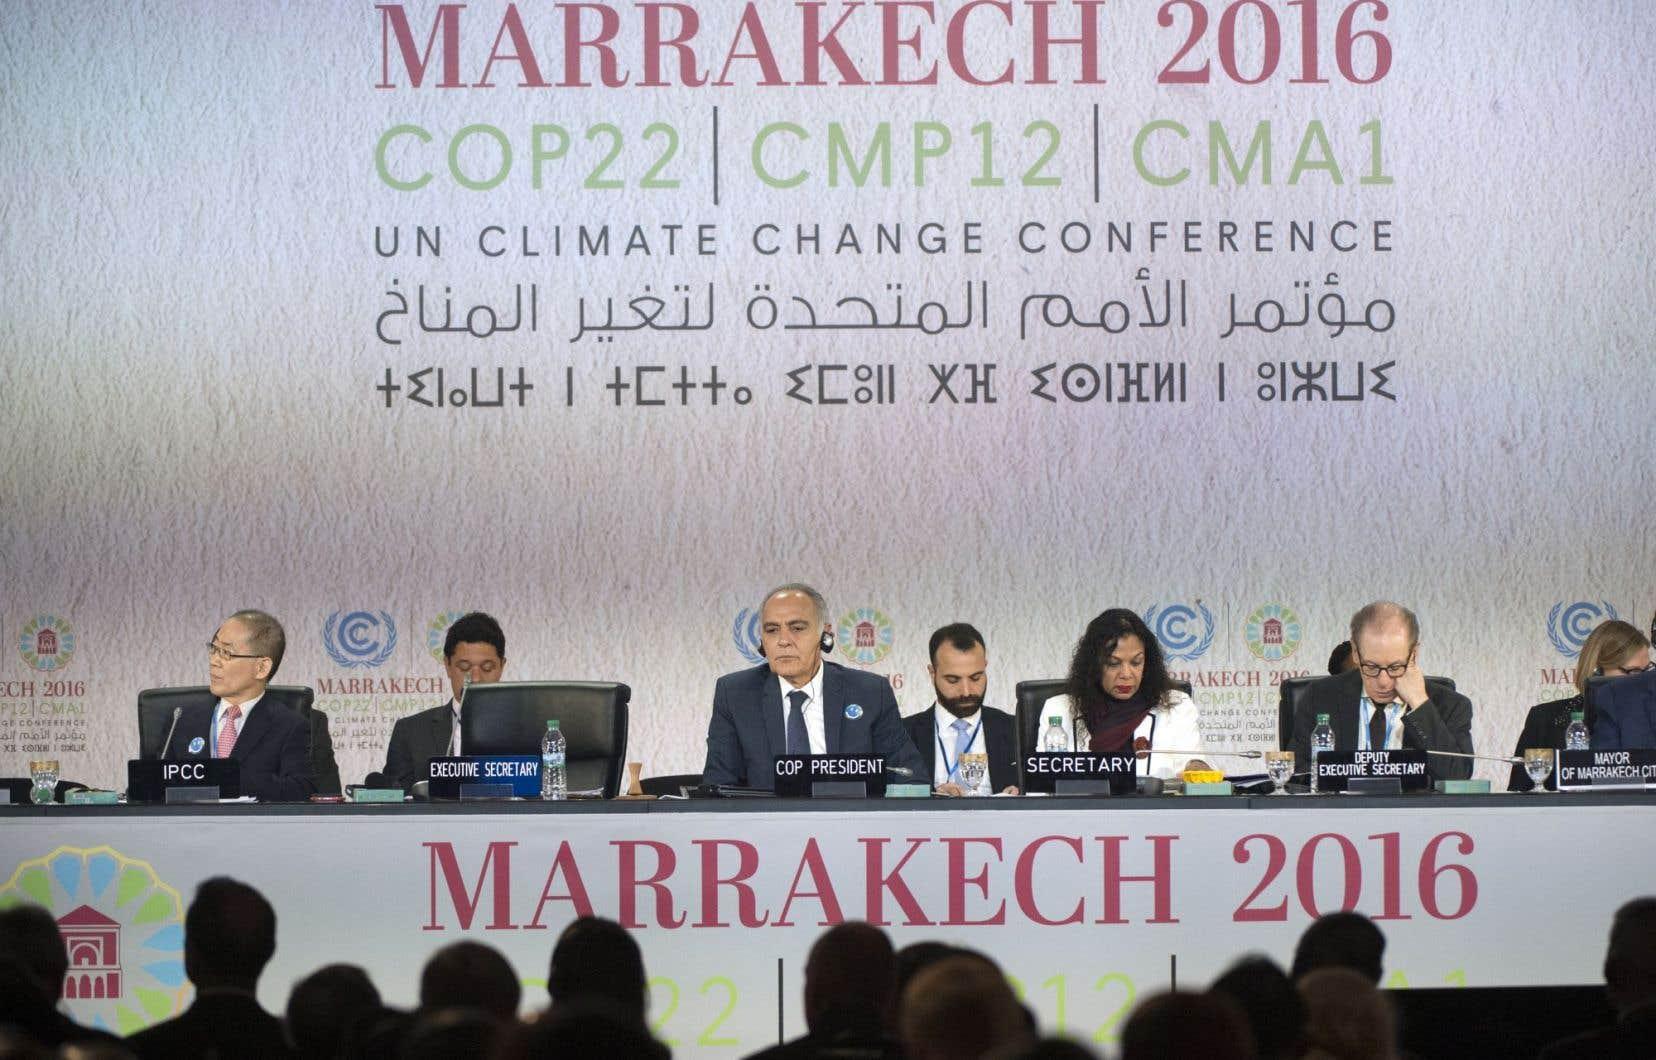 Pour tenter de remonter le moral des troupes, un délégué du Réseau action climat dit espérer que le président élu Trump sera peut-être plus modéré que le candidat Trump, qui affirmait en campagne que les changements climatiques sont une invention des Chinois.